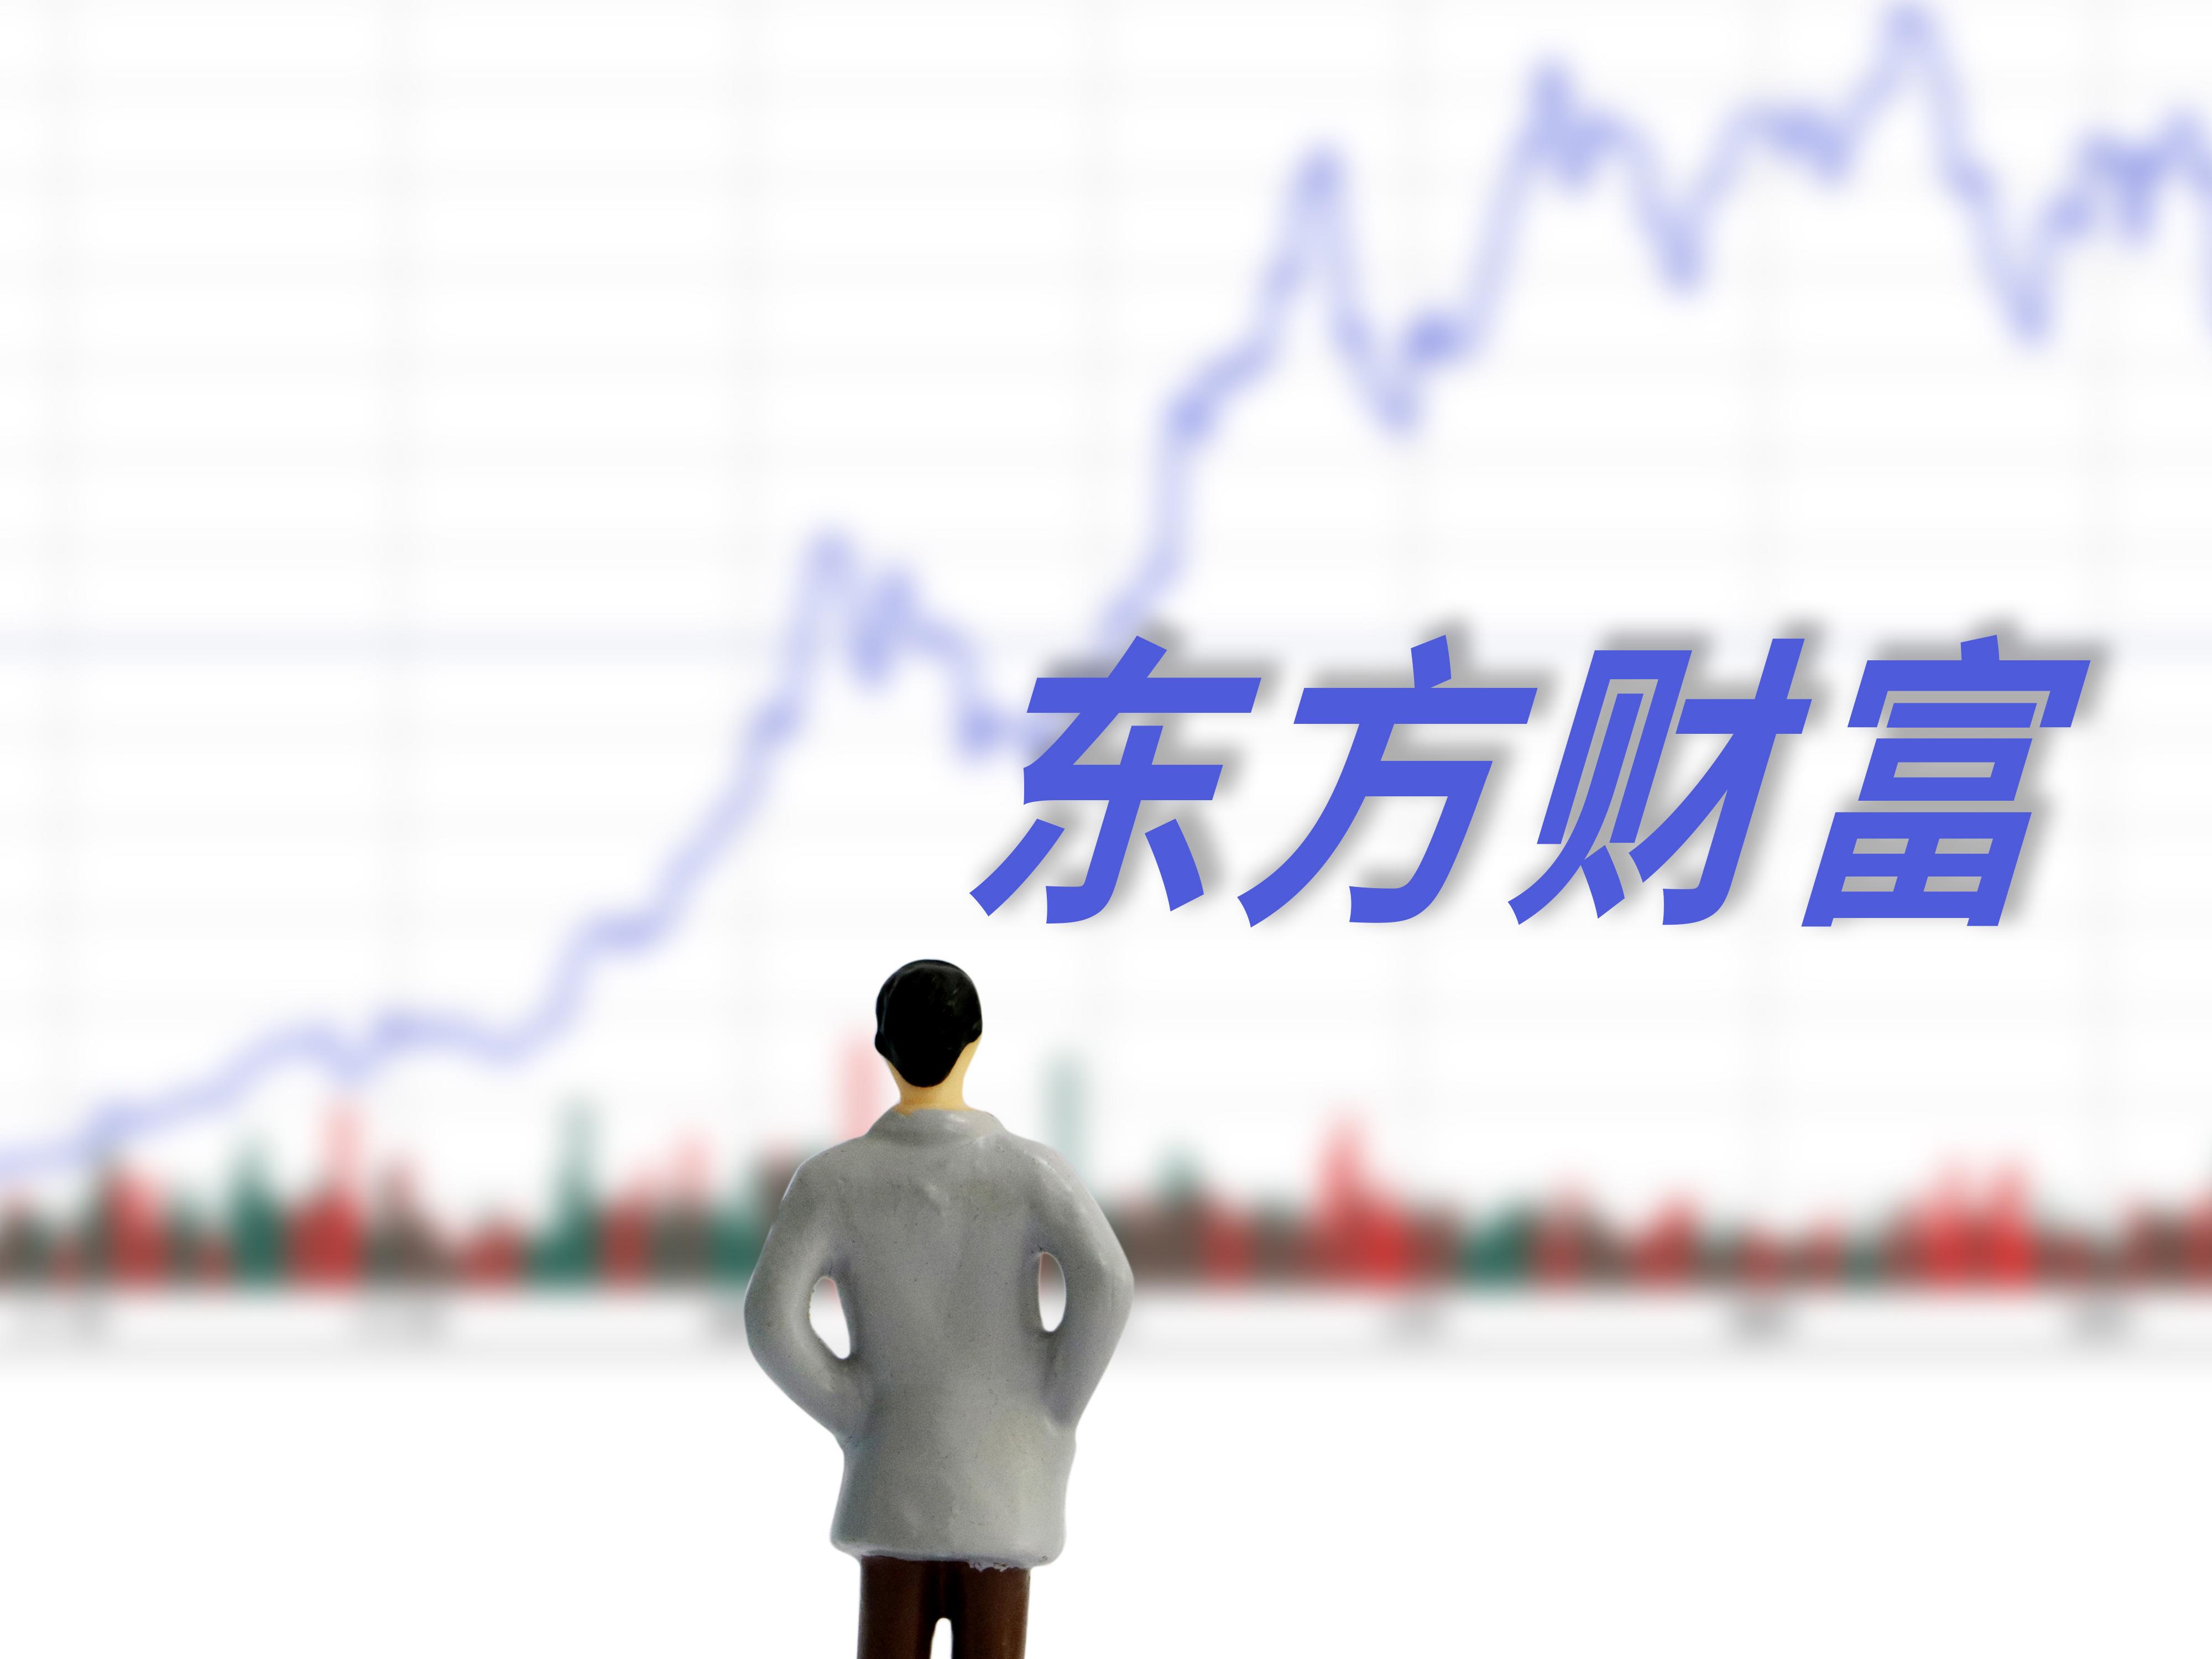 """欧亿OE代理券业市值""""一哥""""东方财富上半年净利大增106%,利润规模直追头部梯队"""